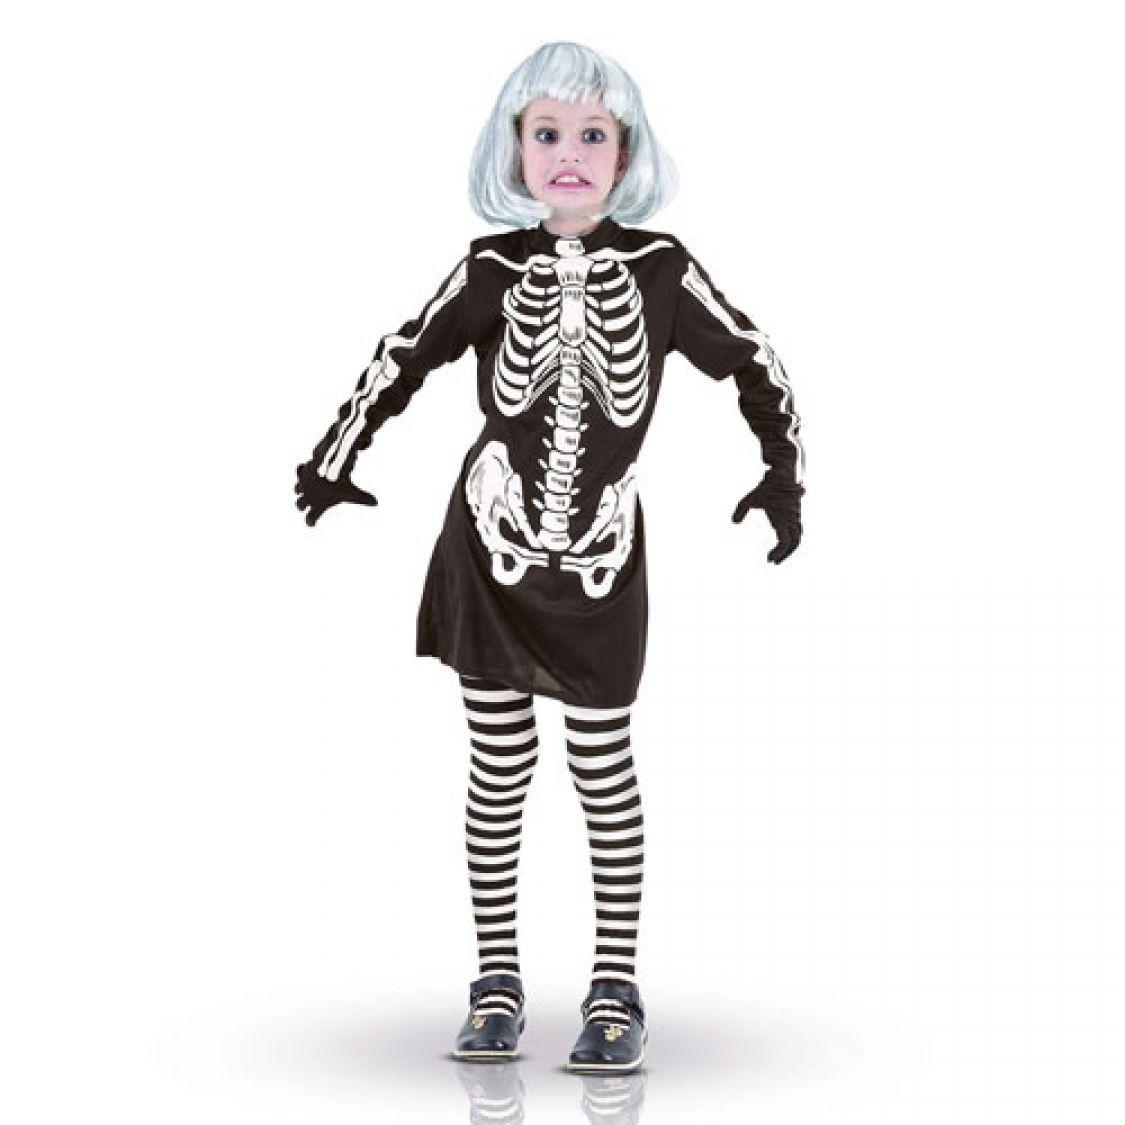 d guisement enfant robe squelette pour d guisements d. Black Bedroom Furniture Sets. Home Design Ideas